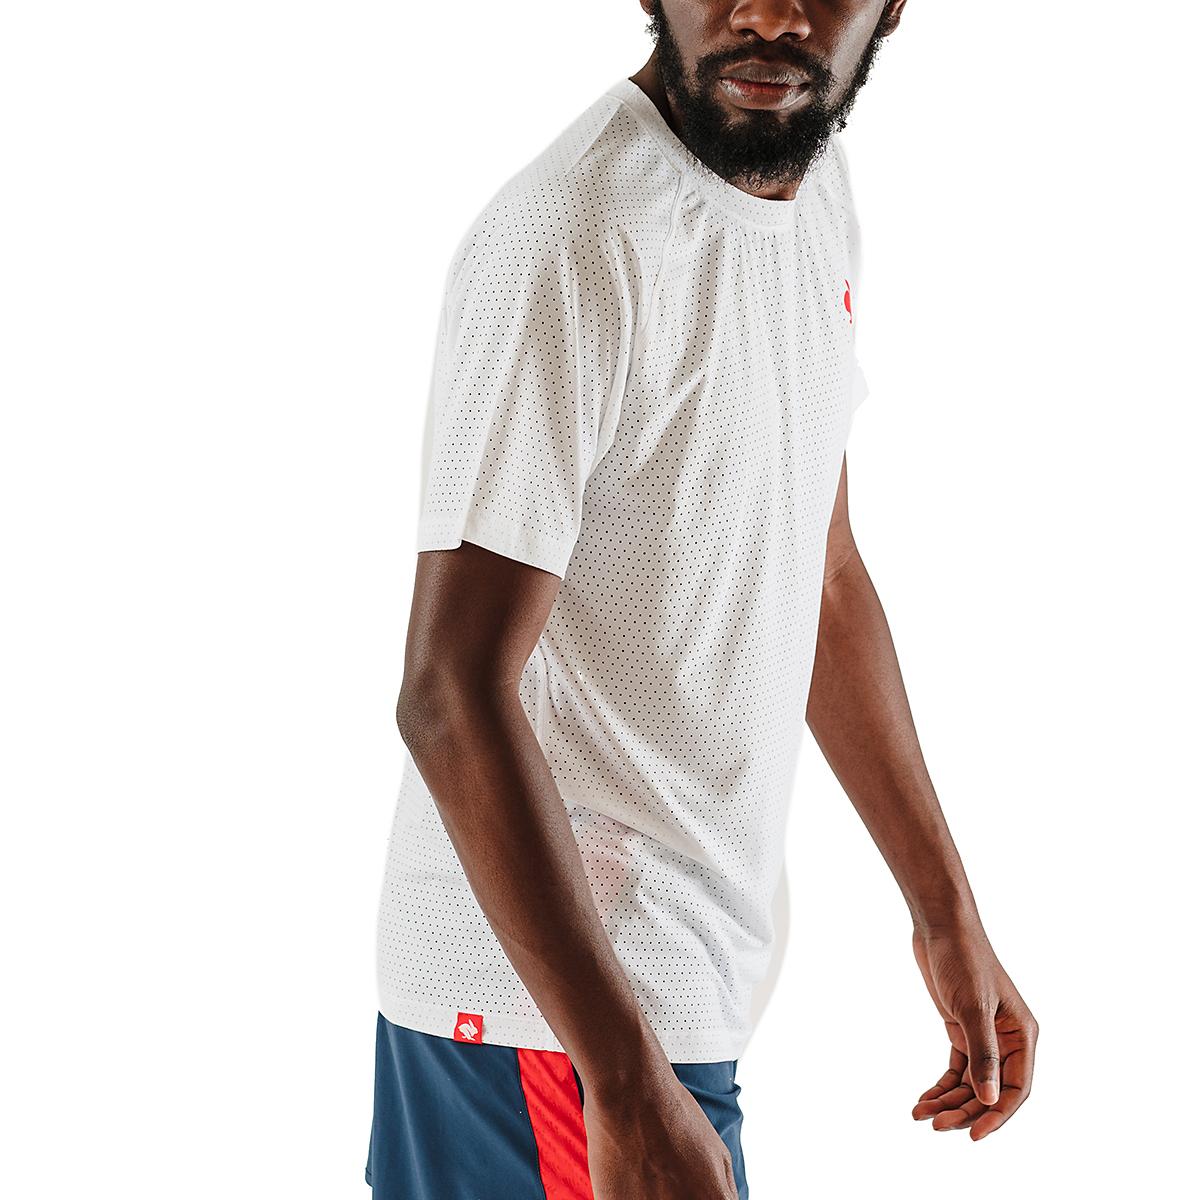 Men's Rabbit EZ Tee Perf Short Sleeve - JackRabbit Exclusive - Color: White - Size: S, White, large, image 3